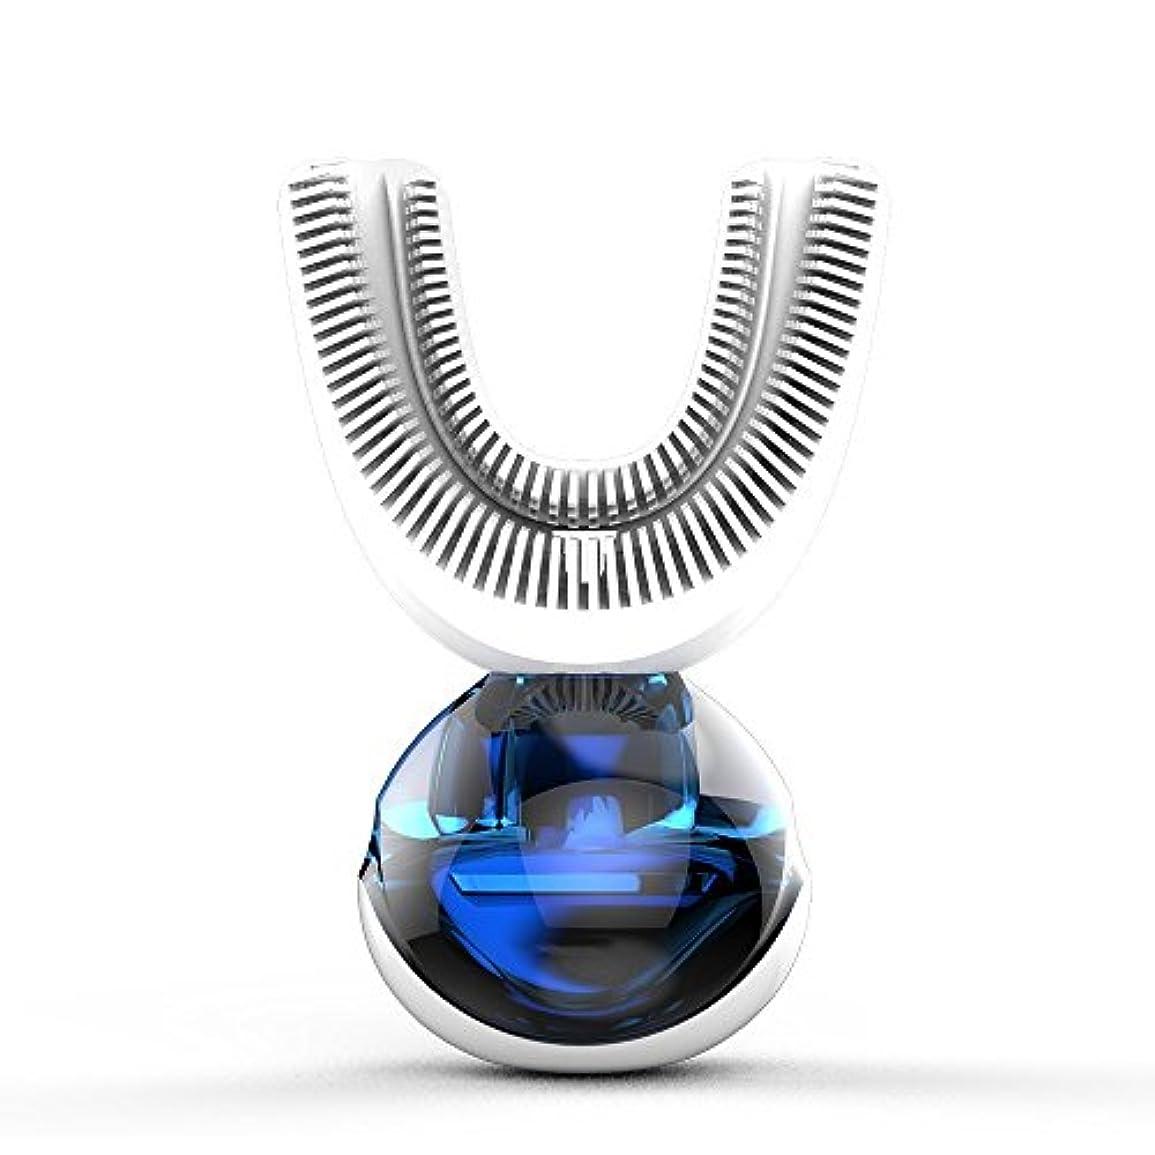 の面ではビルダーずっとフルオートマチック可変周波数電動歯ブラシ、自動360度U字型電動歯ブラシ、ワイヤレス充電IPX7防水自動歯ブラシ(大人用)